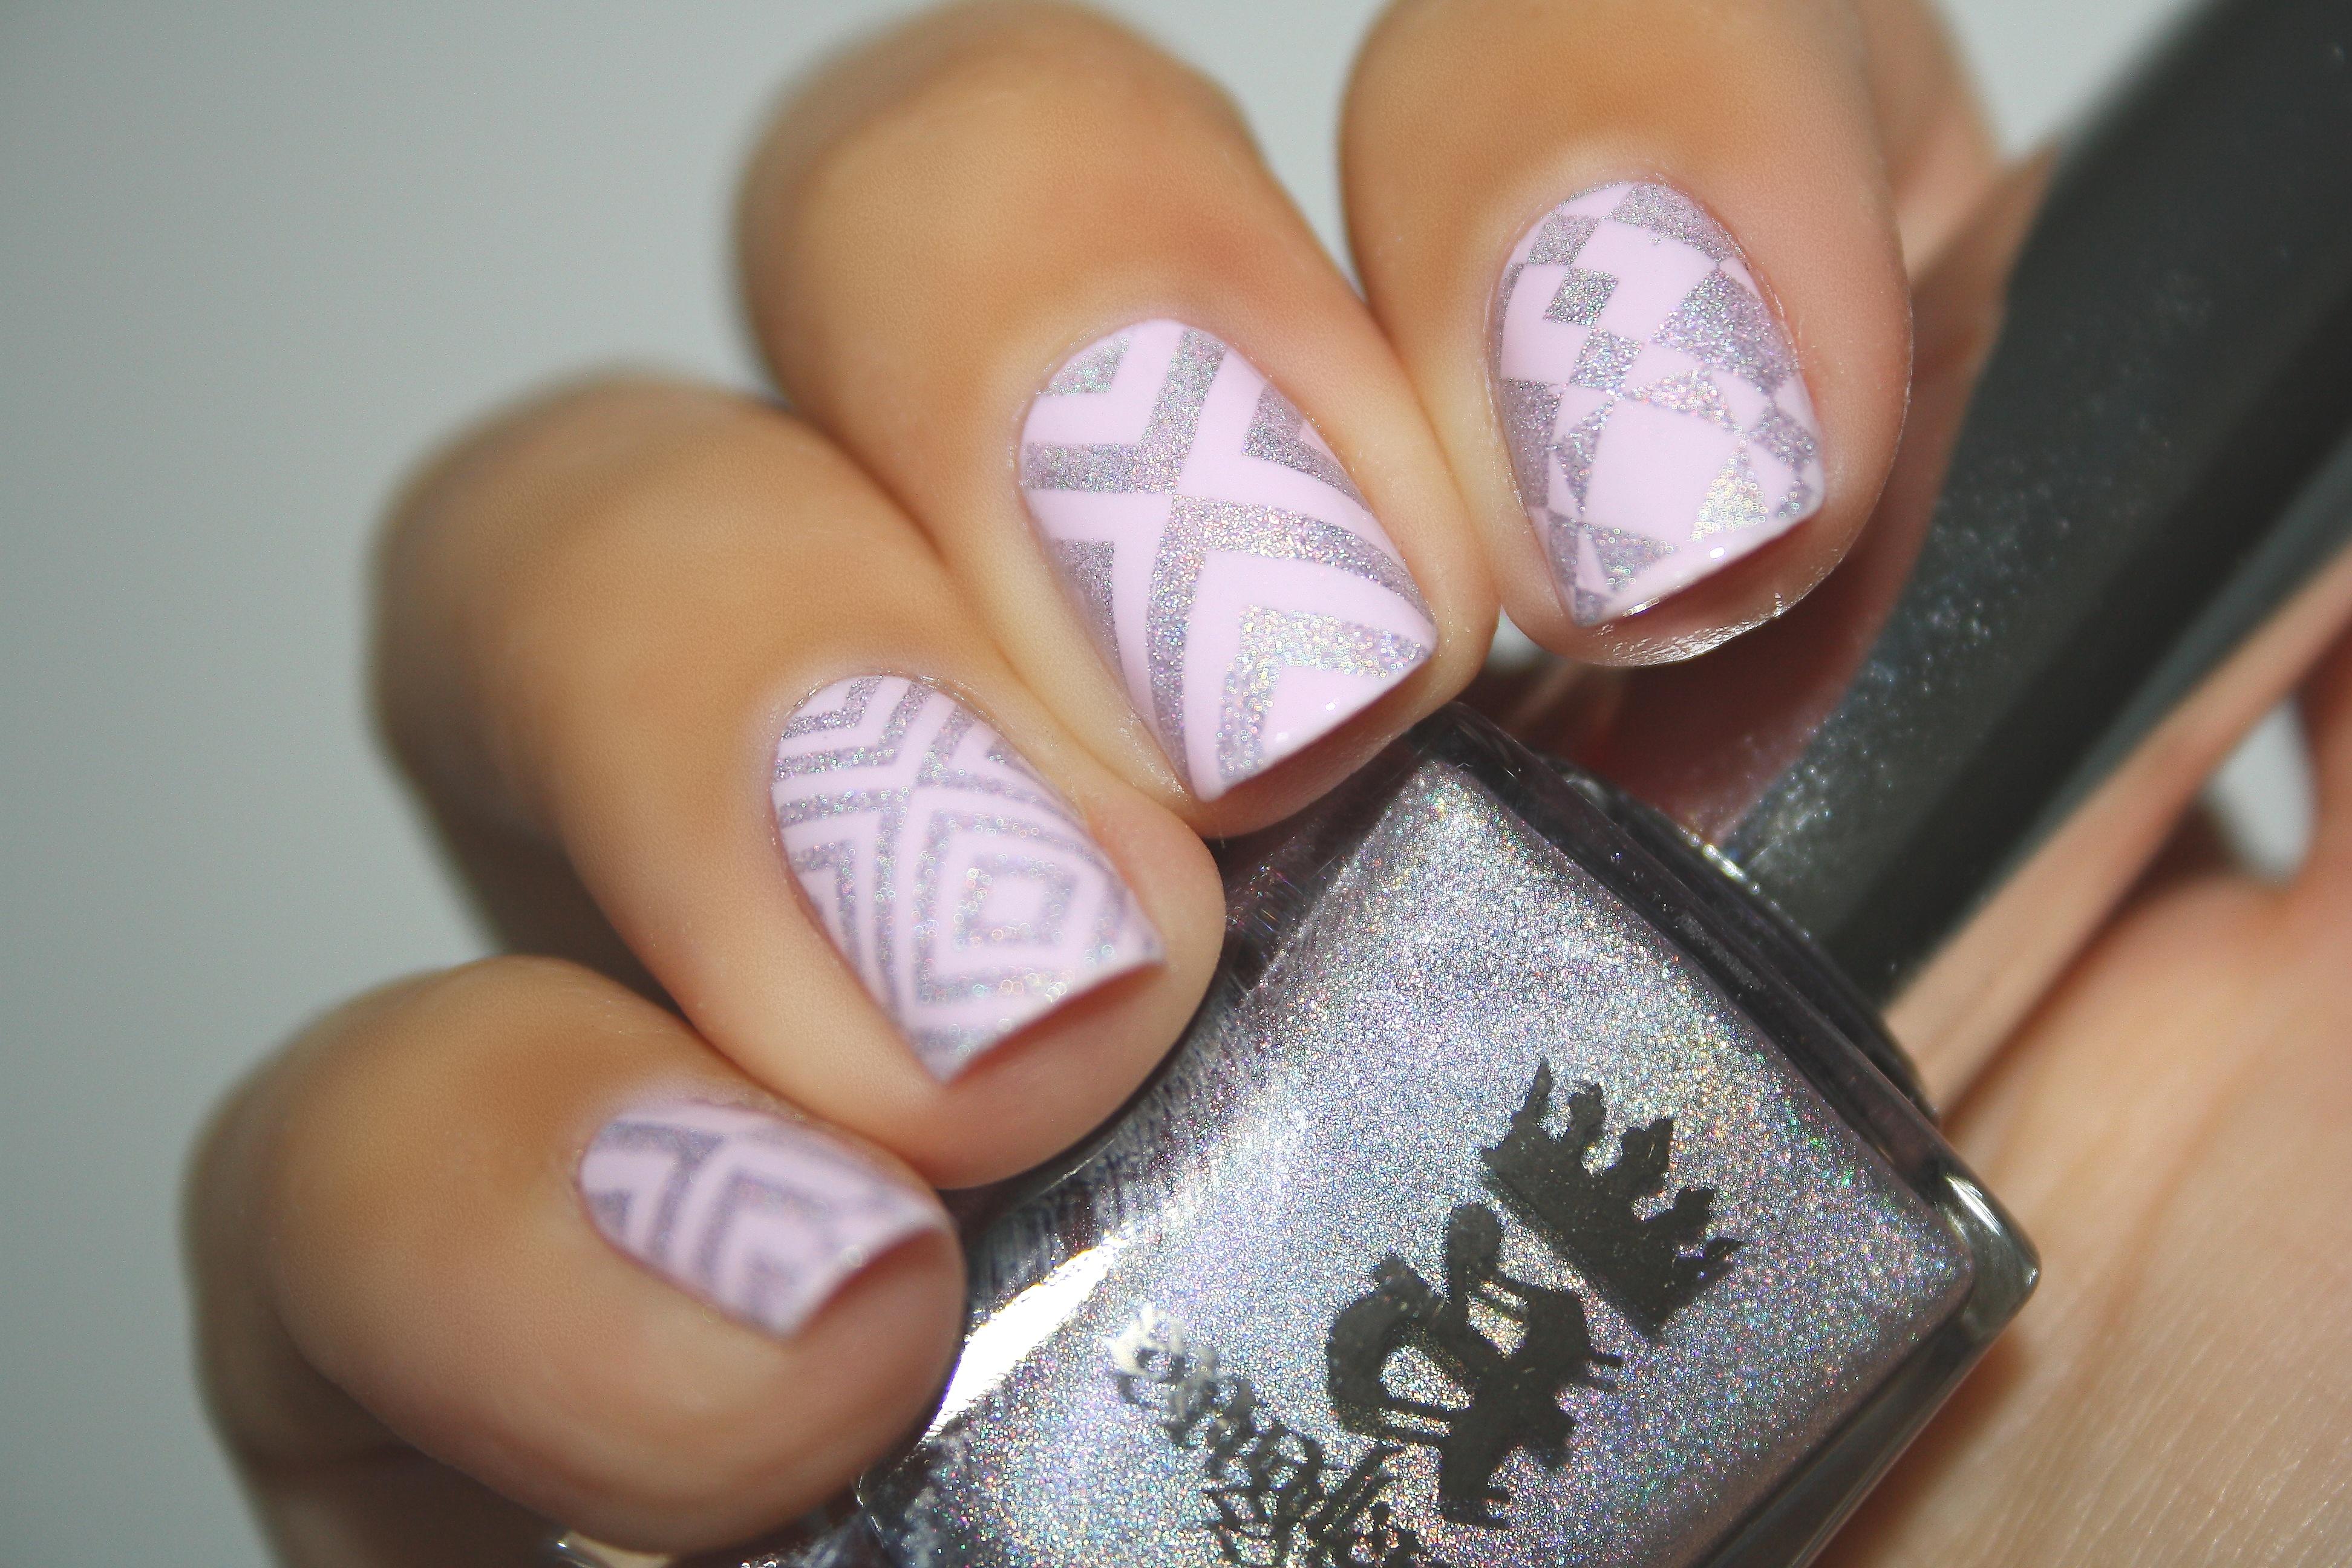 Go ginza essie fonteyn aengland un nail art printanier nail art by nails ink - Nail art discret ...